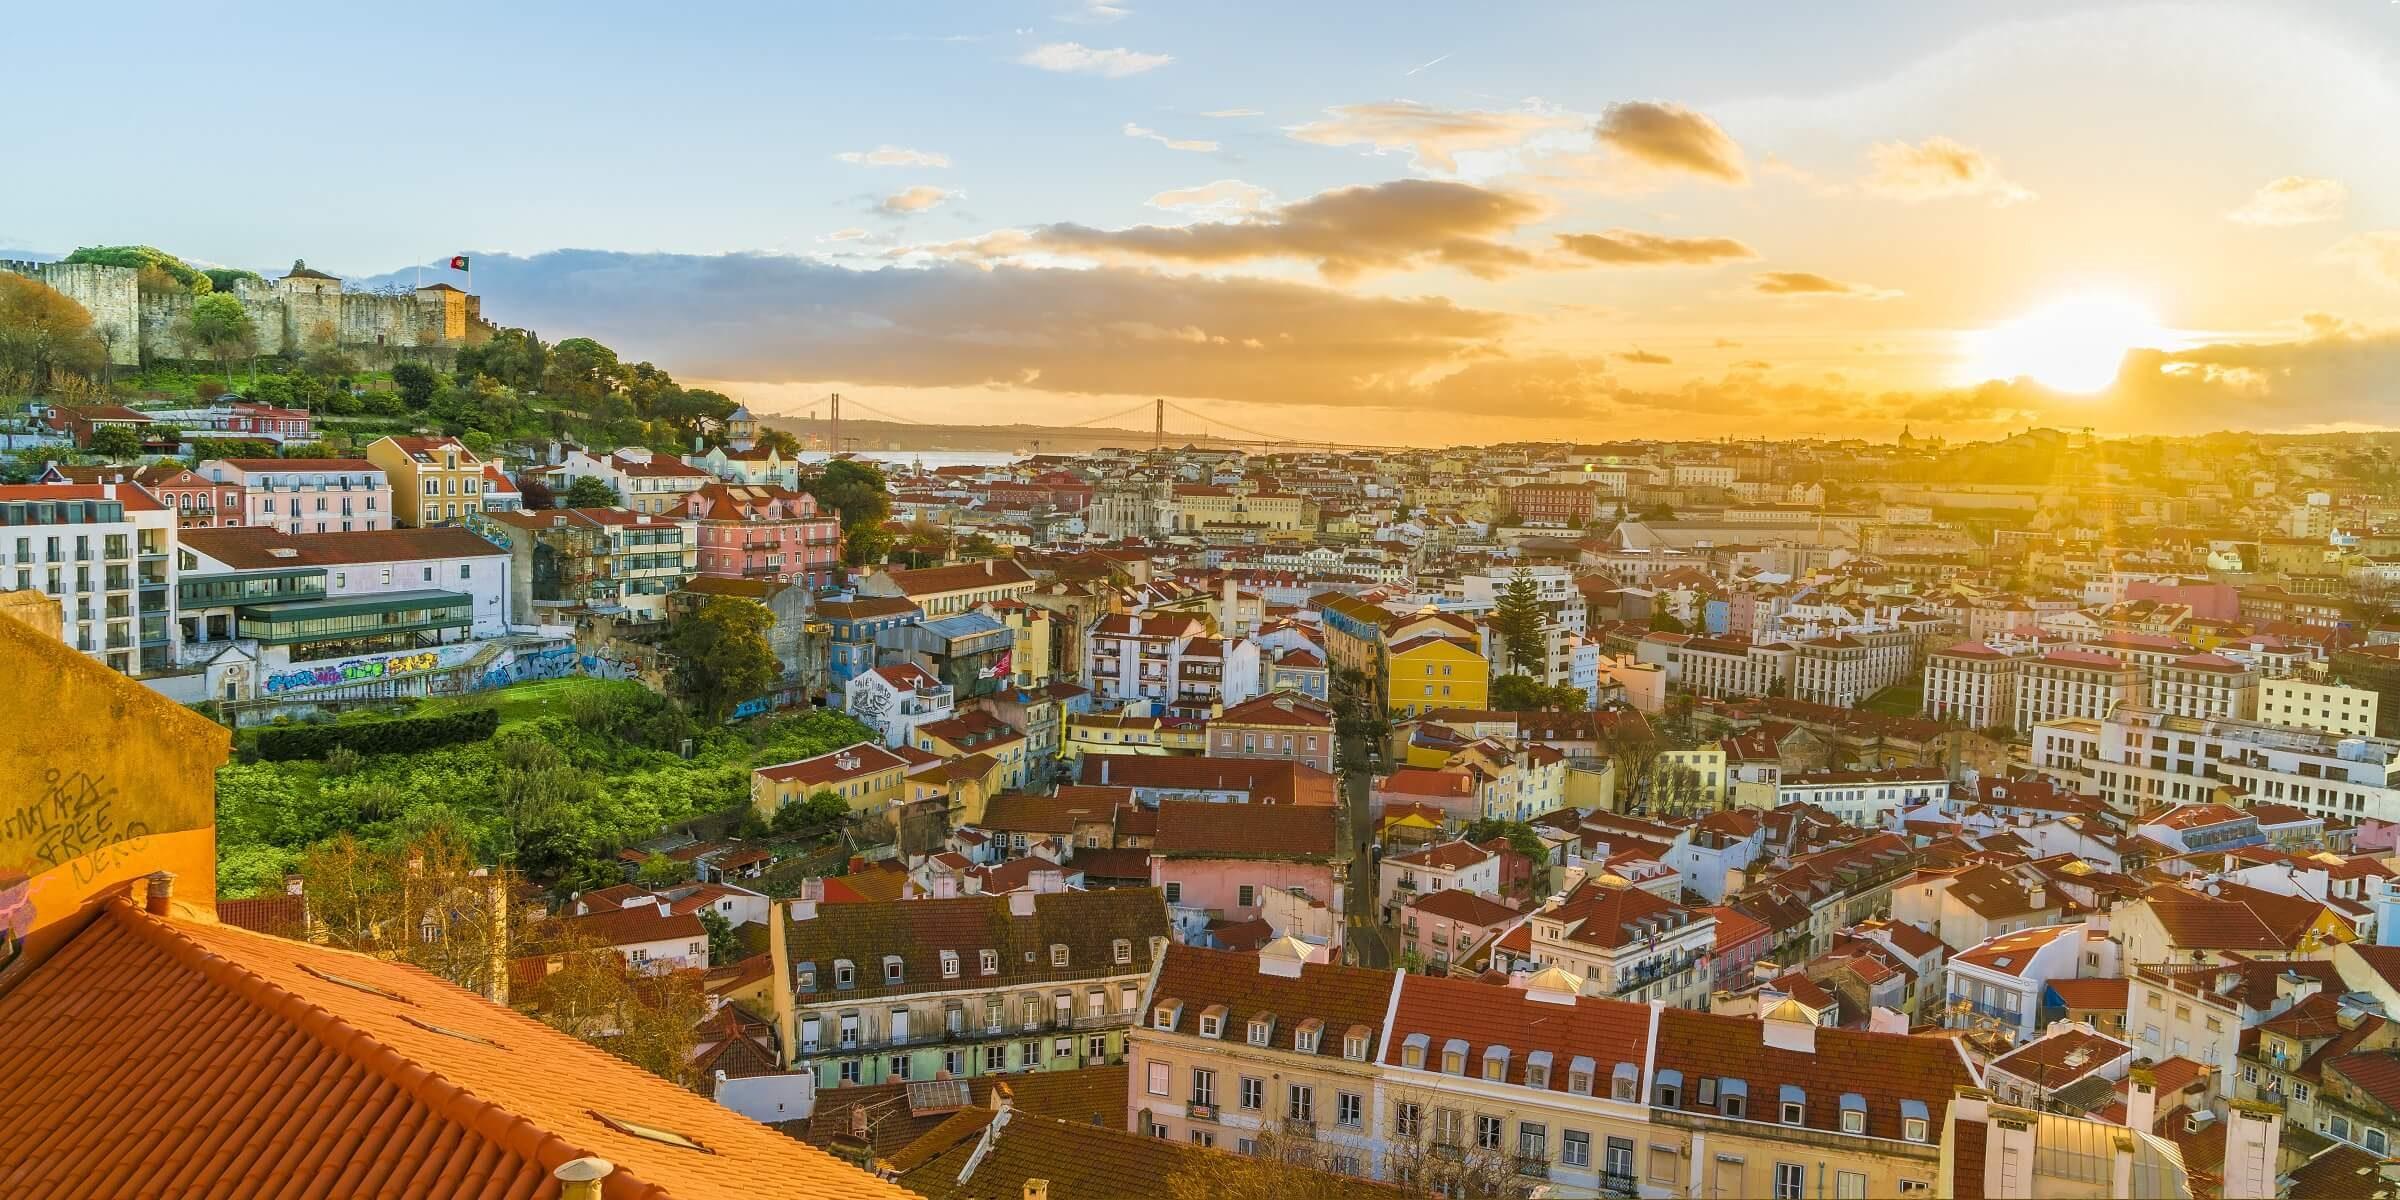 Lissabon ist eine wirklich sehr schöne Stadt